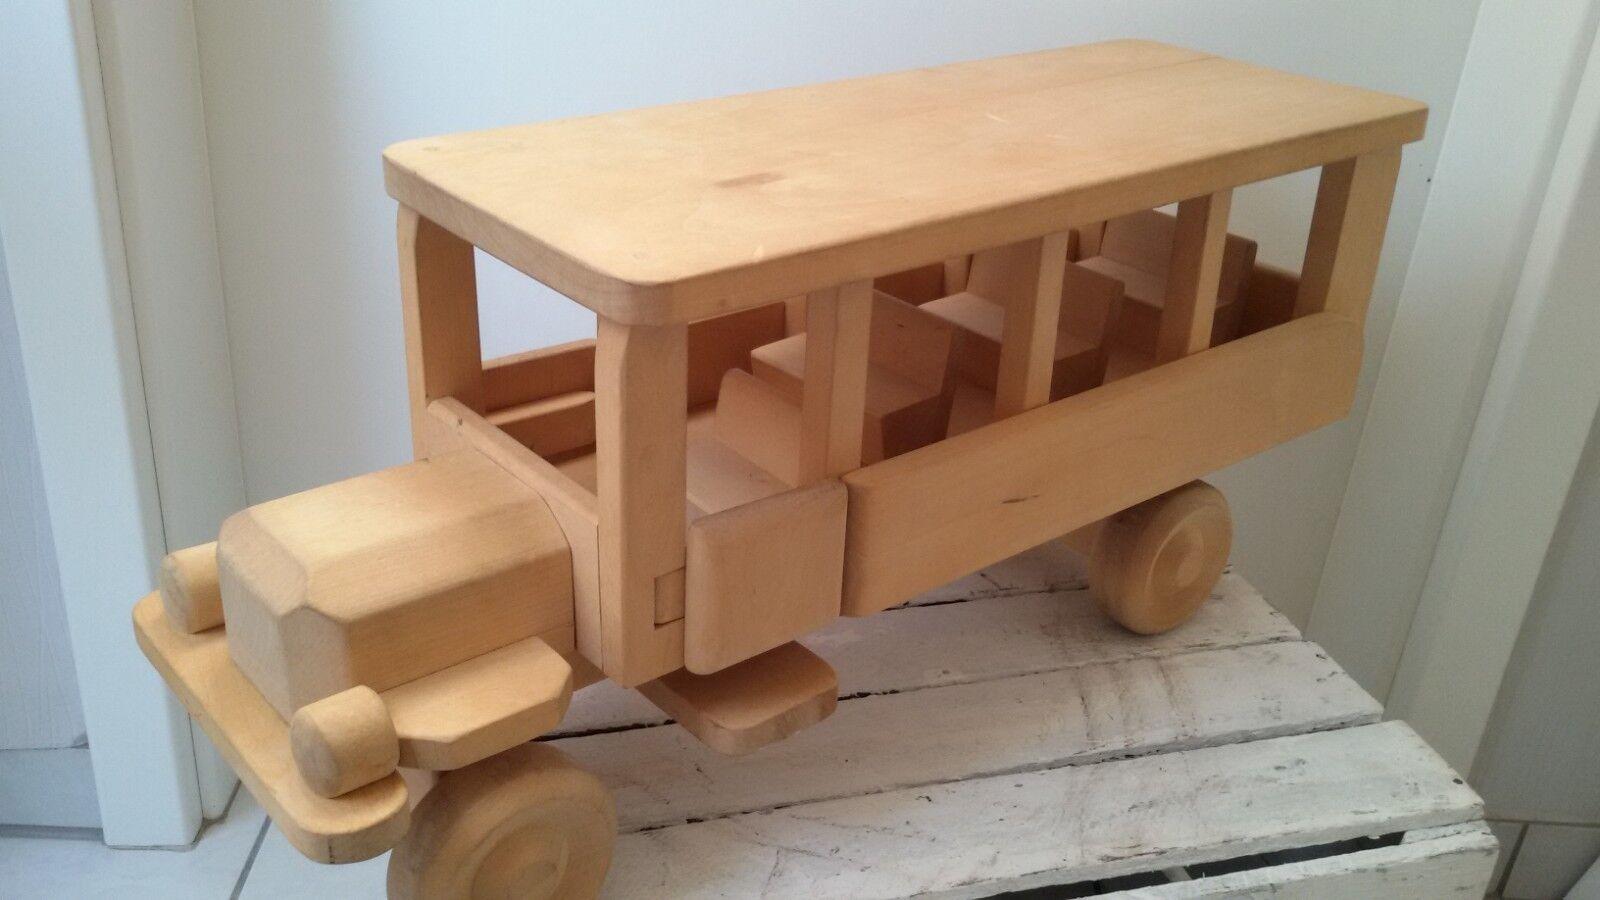 Holz bus  | Kunde zuerst